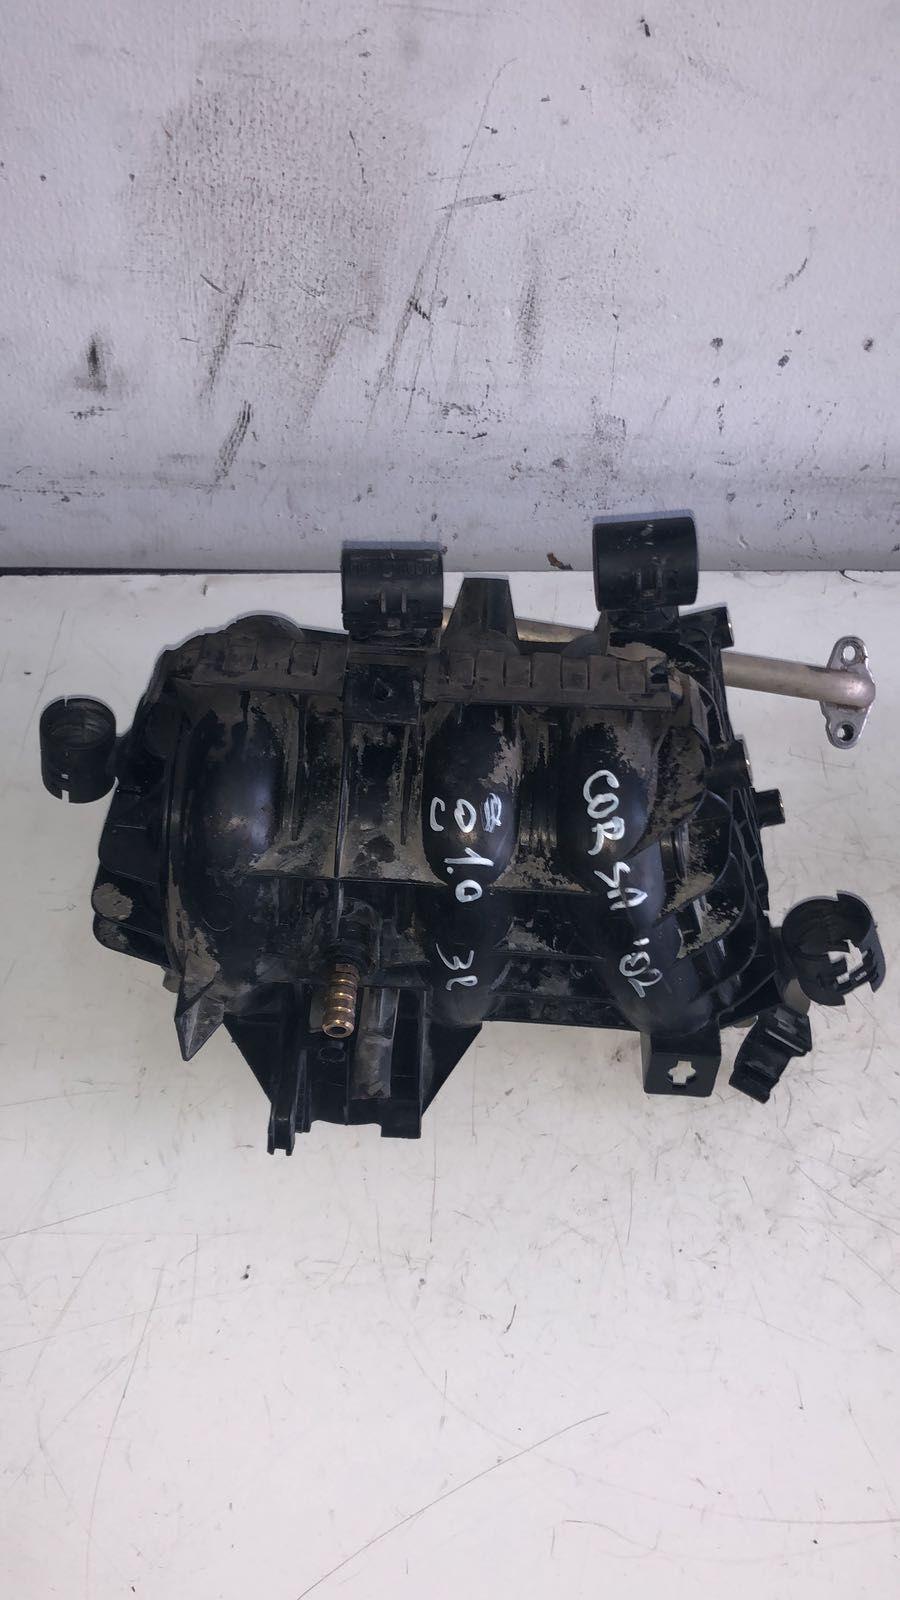 COLLETTORE ASPIRAZIONE OPEL Corsa C 3P 1° Serie 1000 Benzina z10xe  (2002) RICAMBI USATI